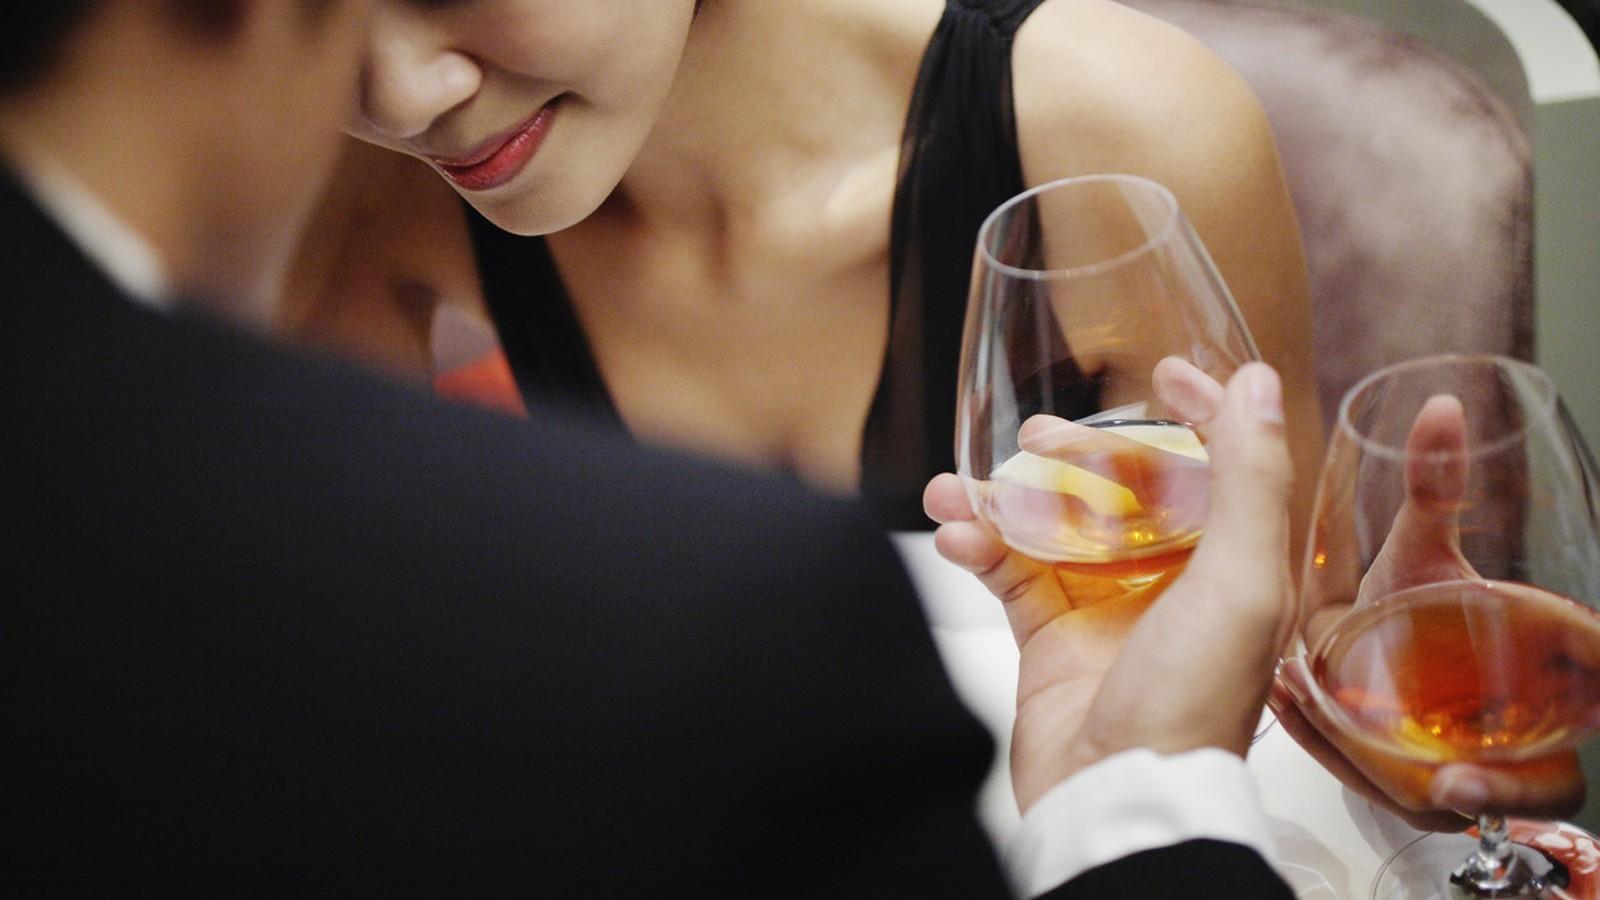 Что будет, если женщина выпьет мужскую Виагру